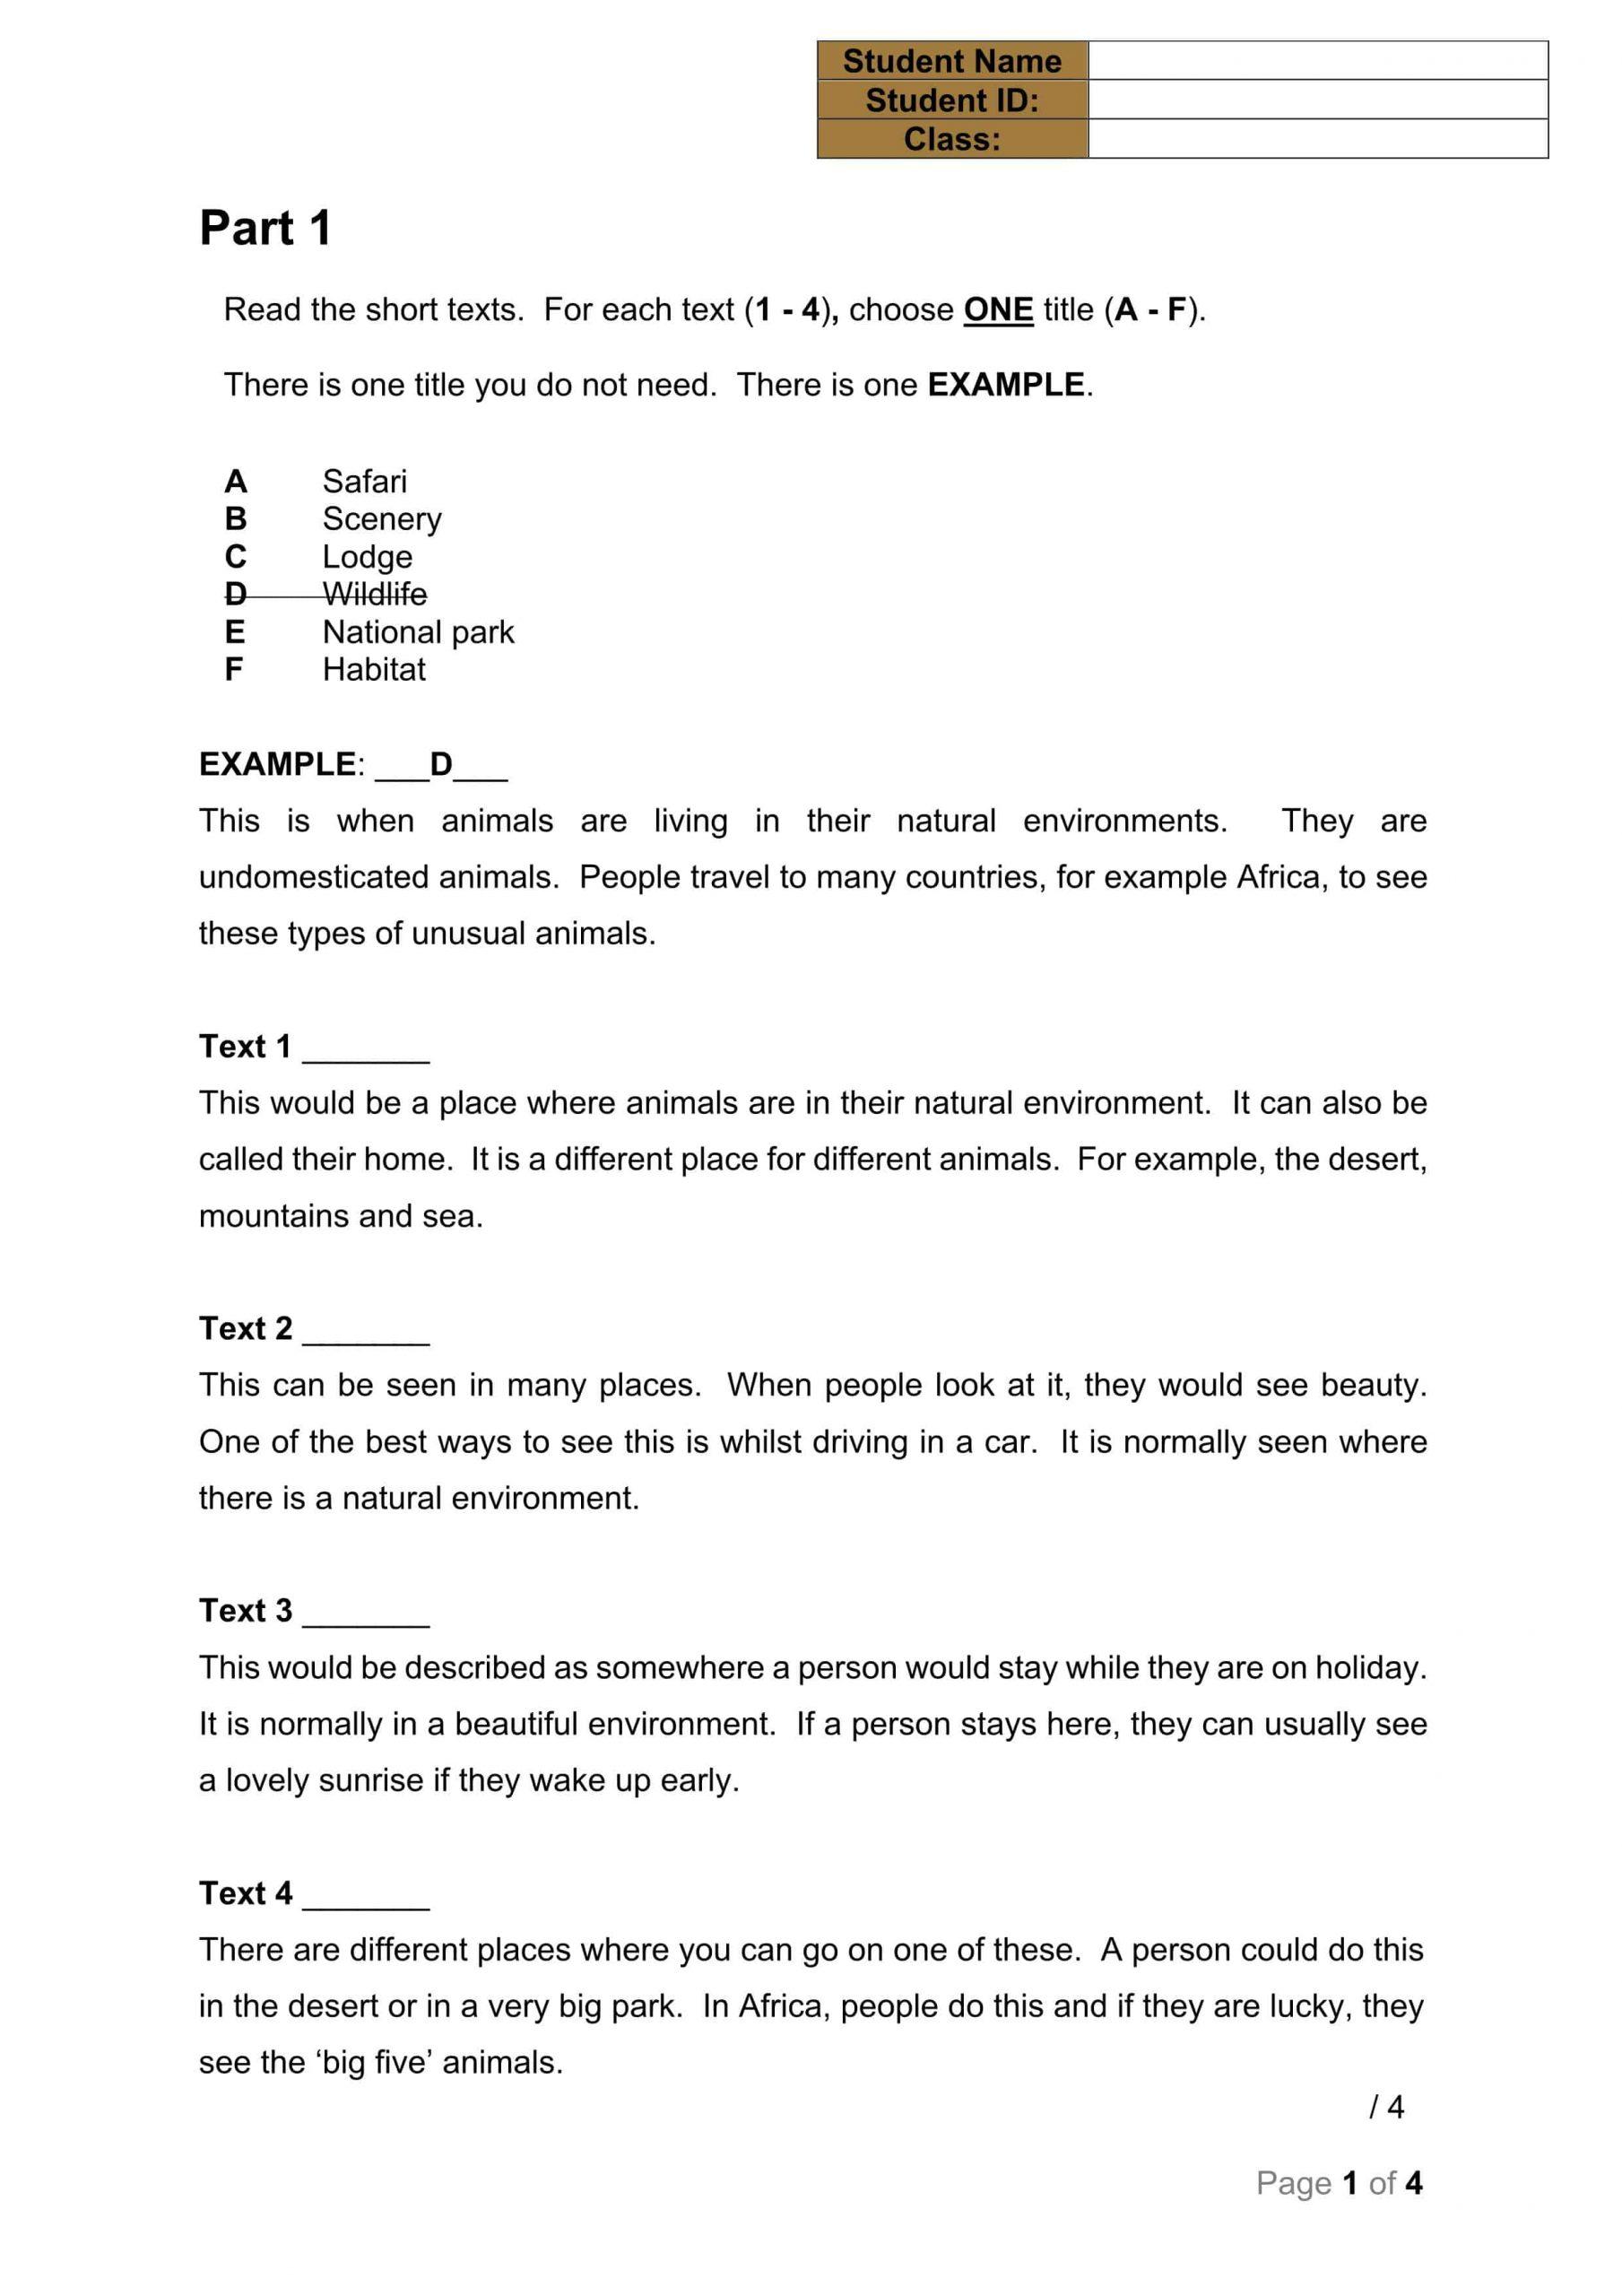 ورقة عمل Reading Pop Quiz 1 الصف التاسع مادة اللغة الإنجليزية